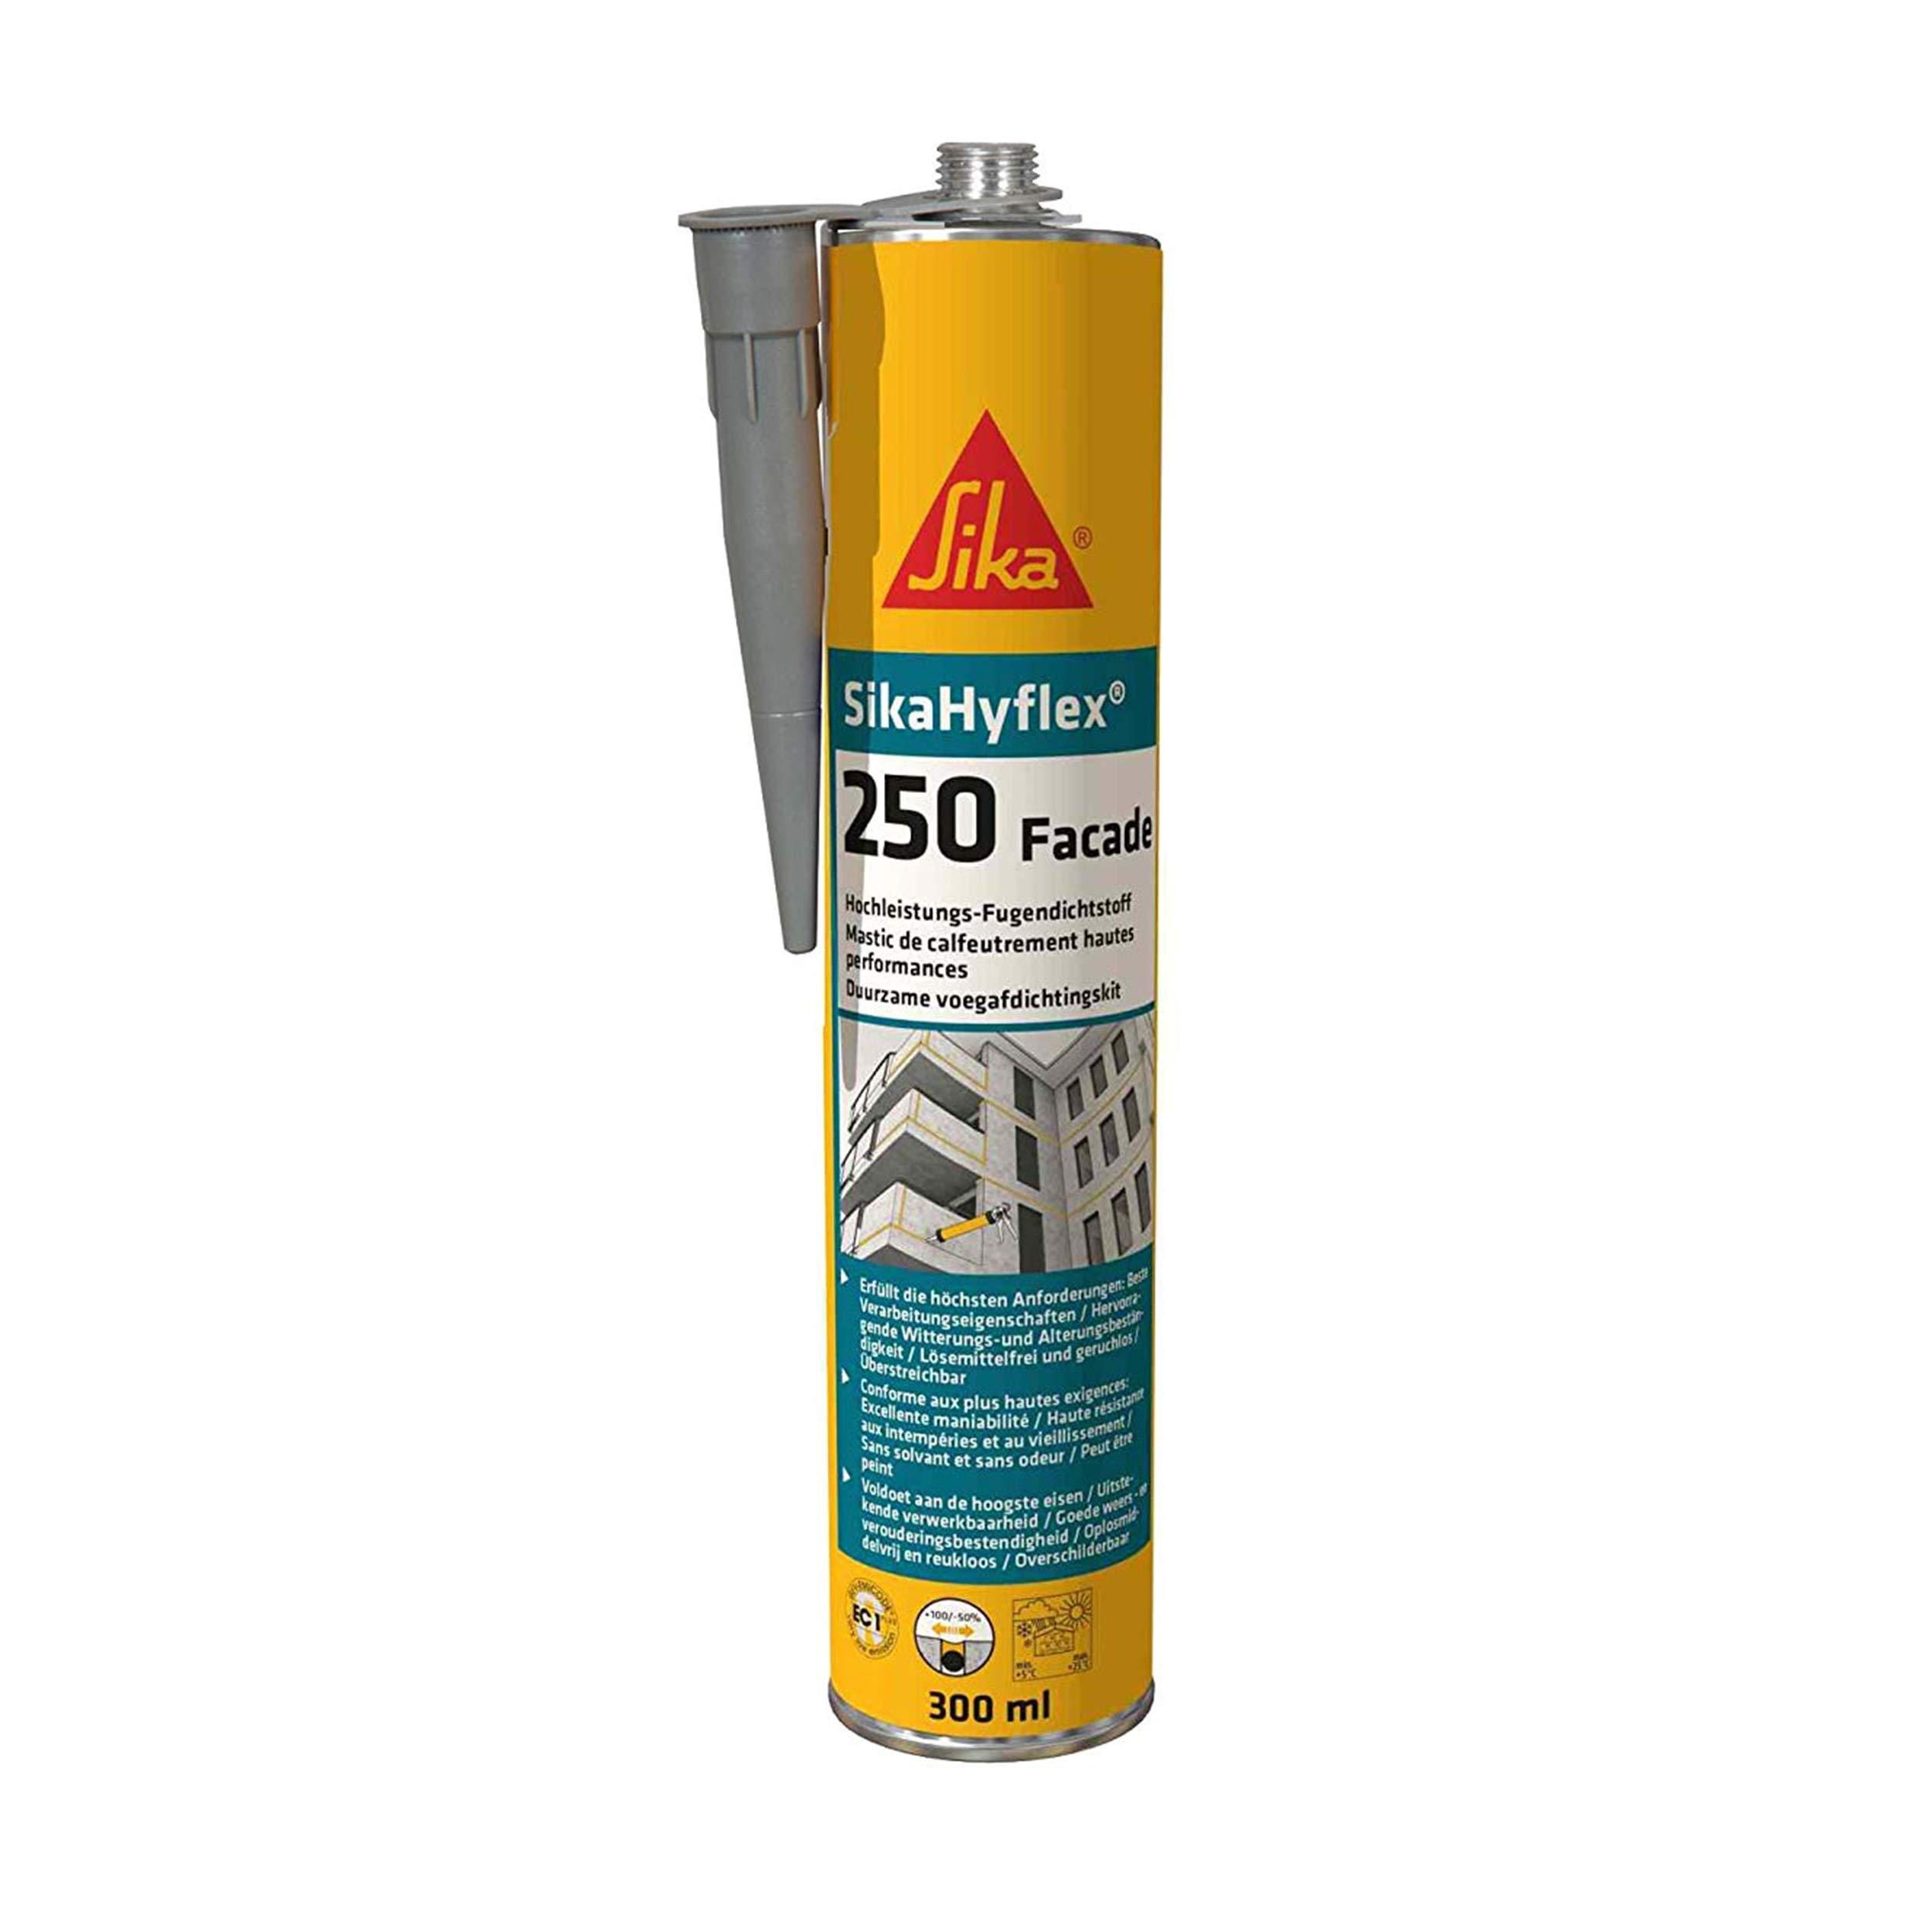 SikaHyflex 250 - Masilla para juntas fachadas (300 ml), color blanco, gris, 443701: Amazon.es: Bricolaje y herramientas